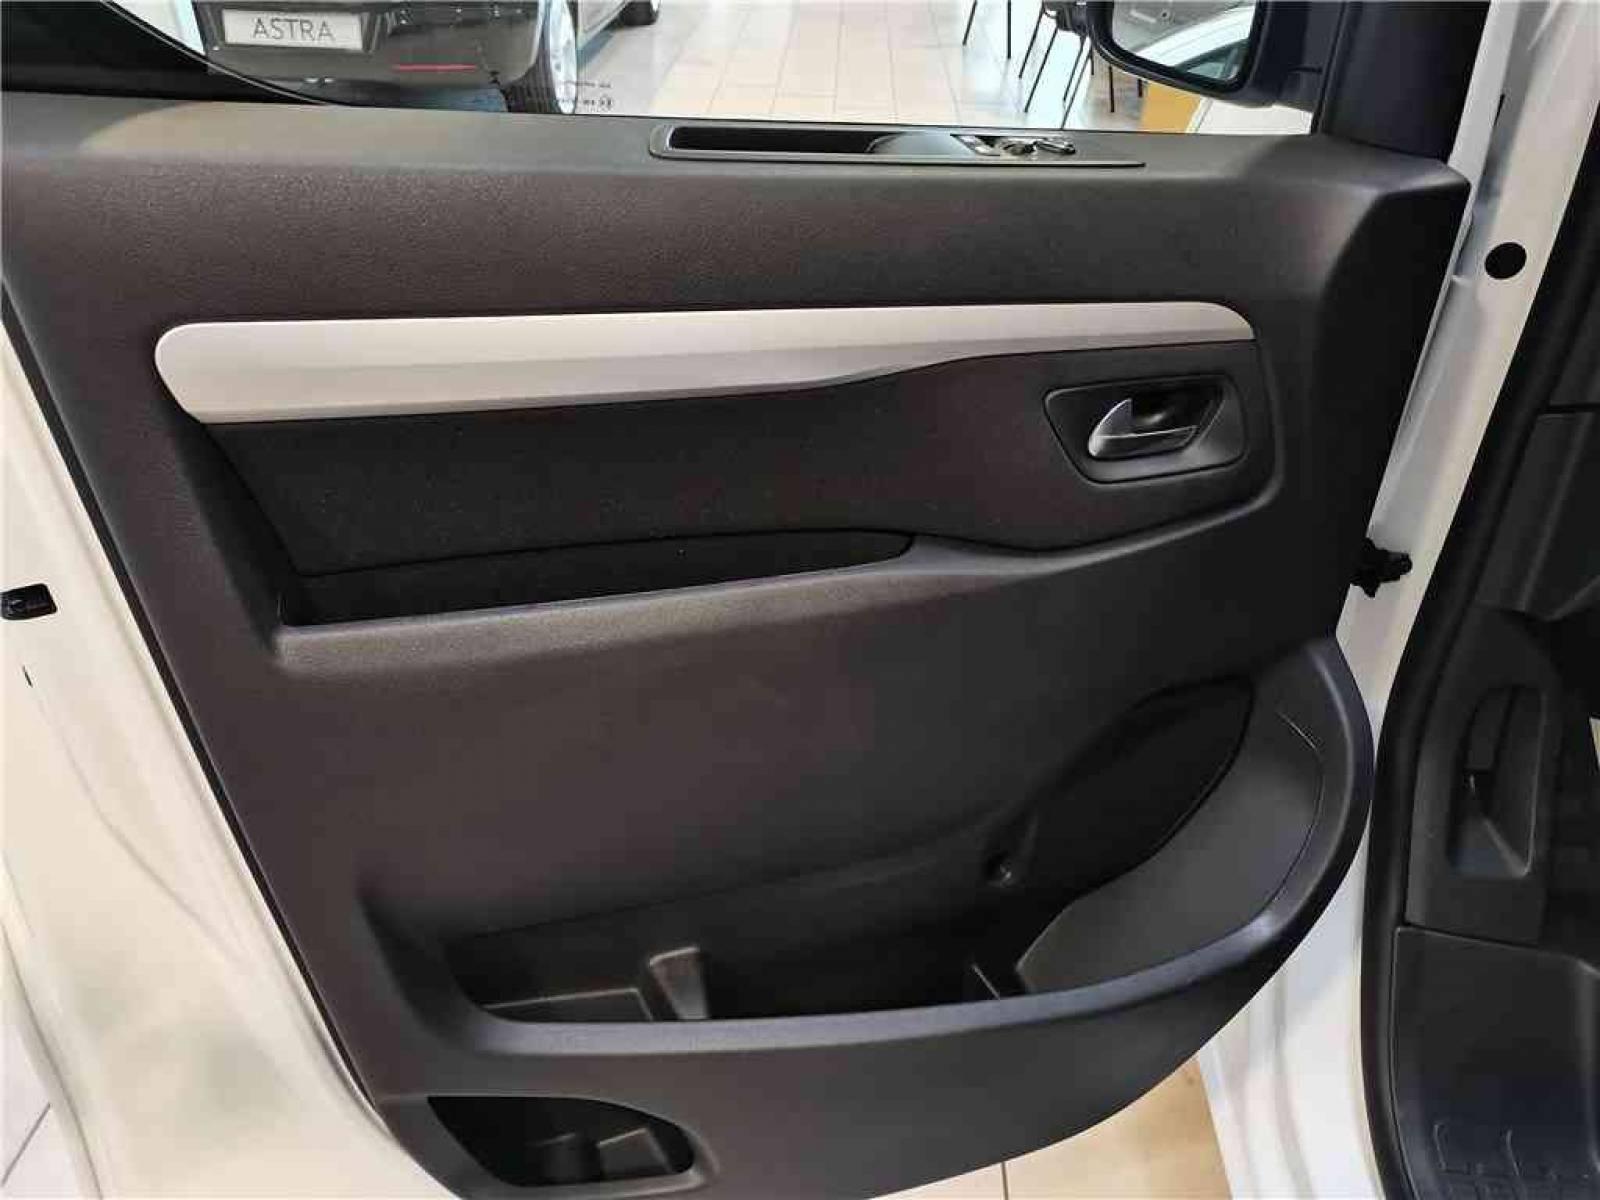 OPEL VIVARO CA FIXE L2 2.0 DIESEL 120 CH PTAC AUGMENTE - véhicule d'occasion - Groupe Guillet - Opel Magicauto - Chalon-sur-Saône - 71380 - Saint-Marcel - 19